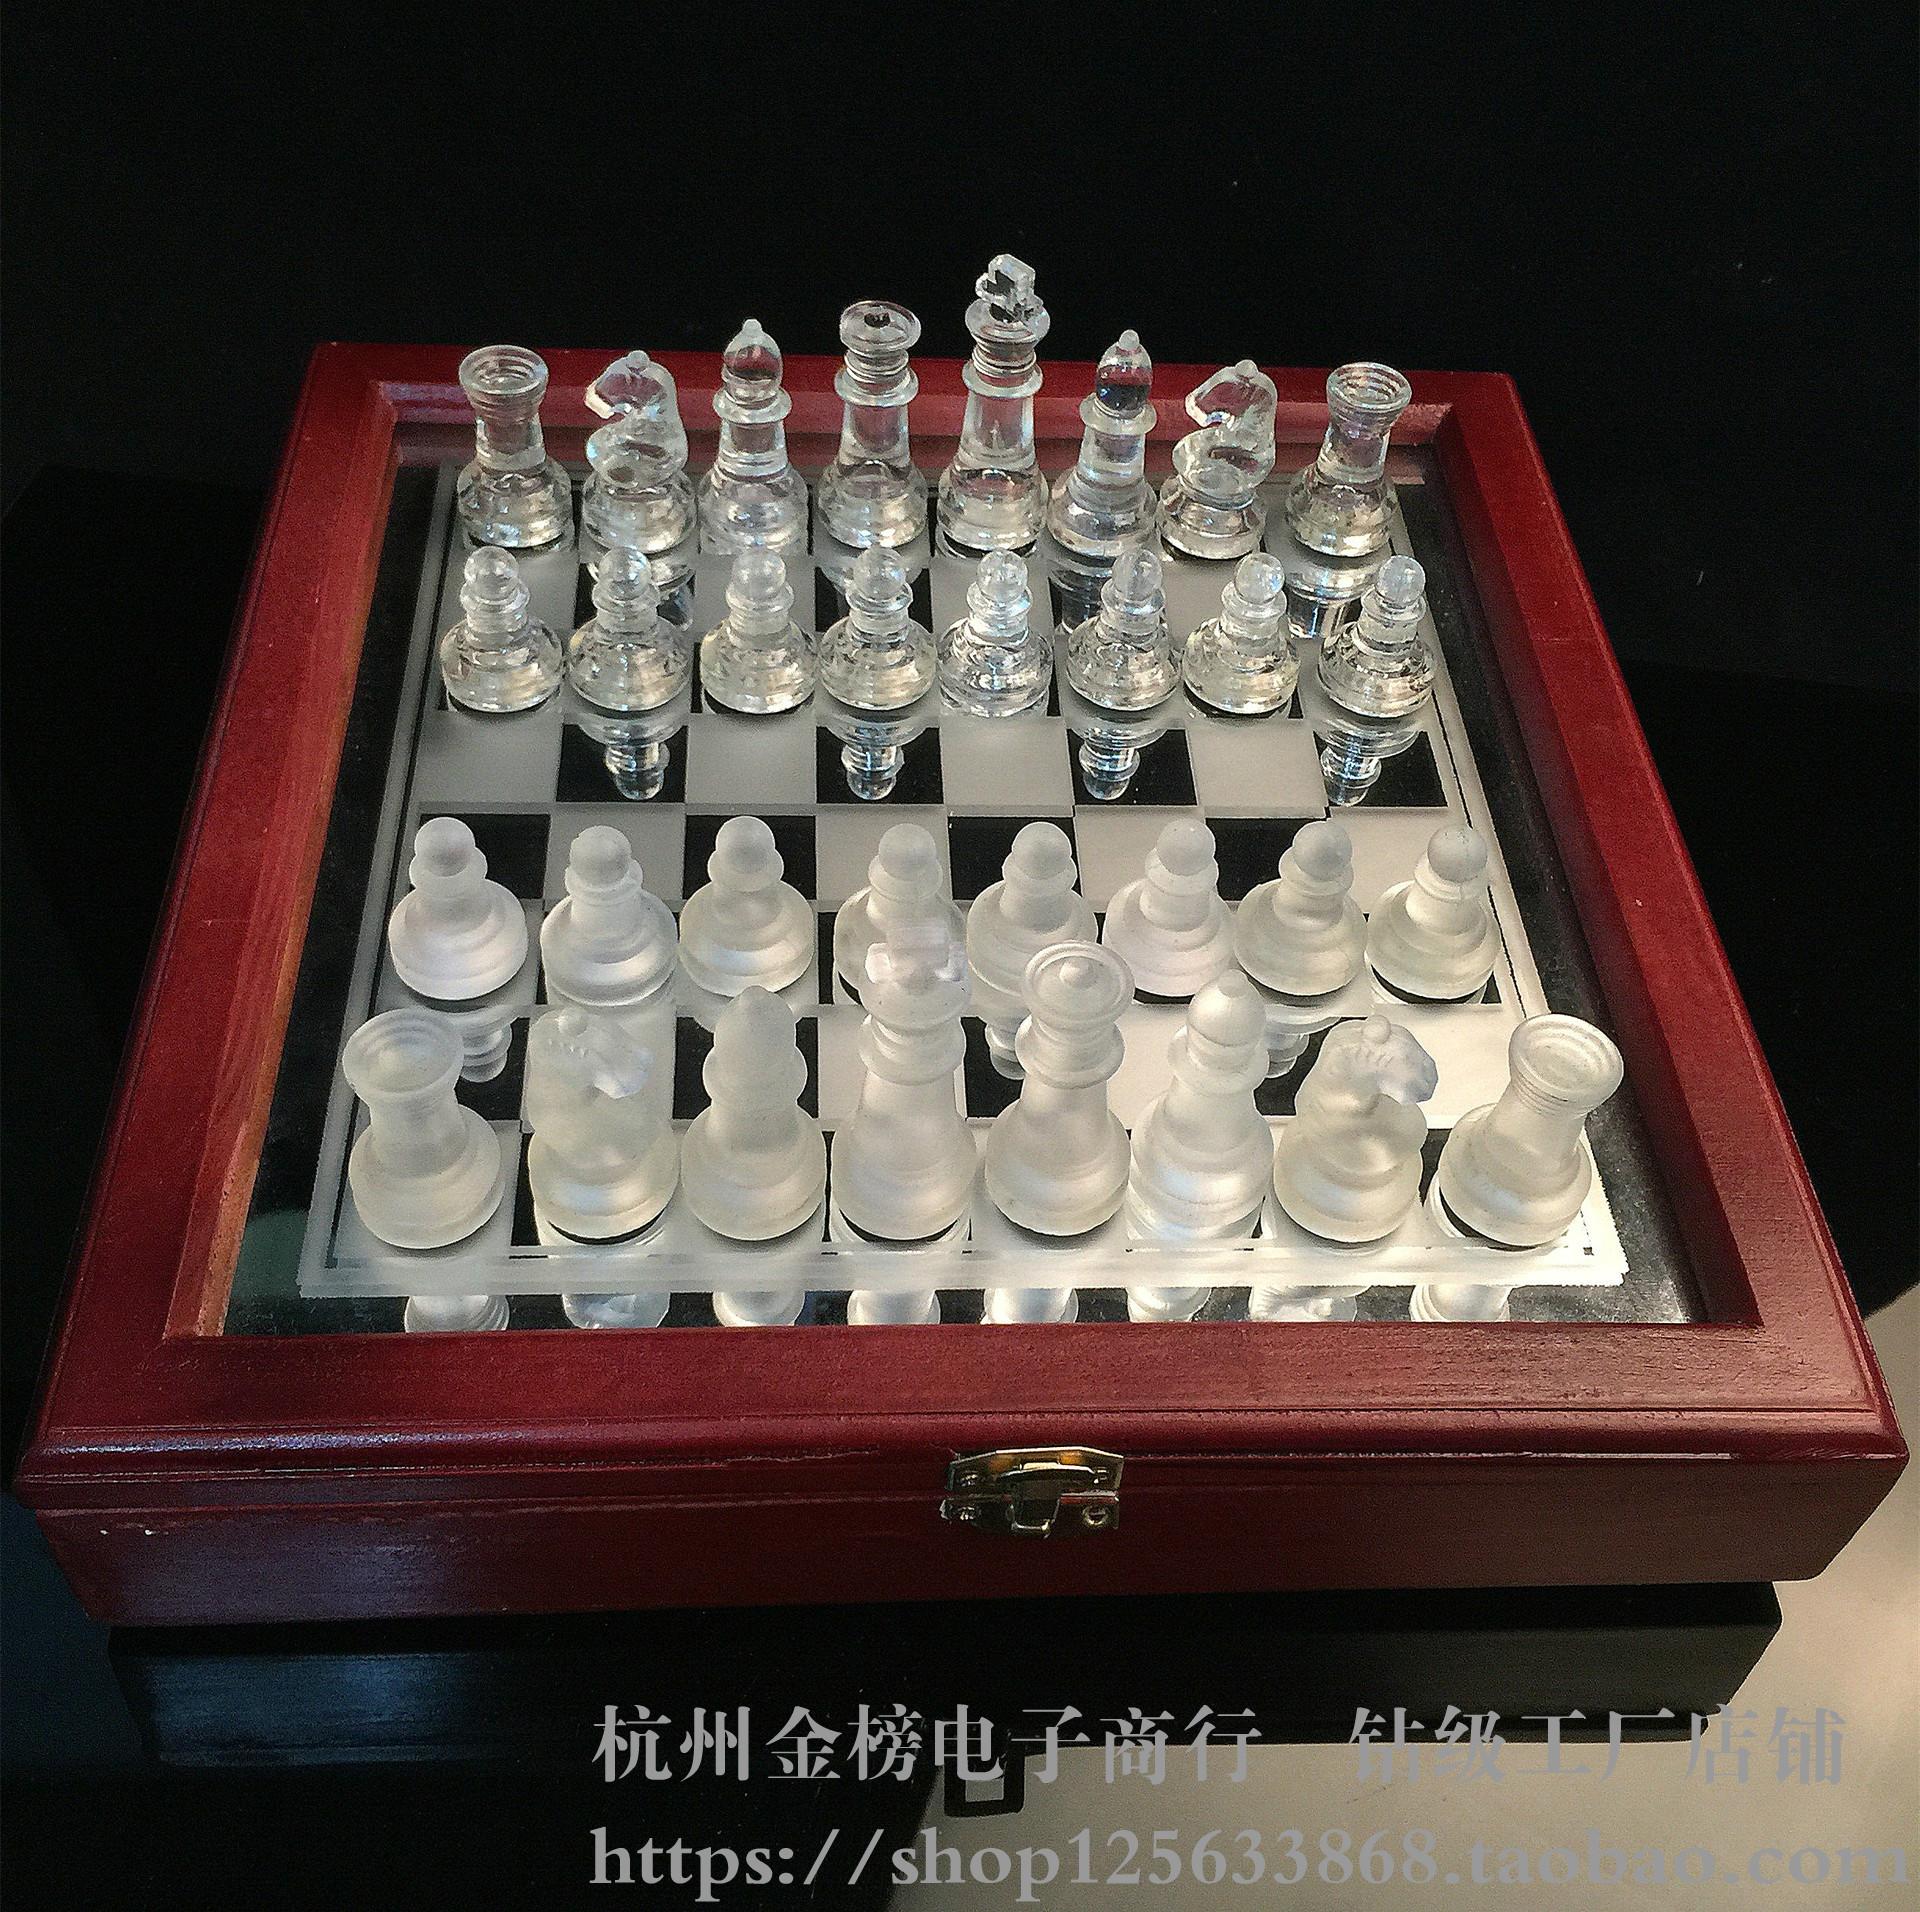 水晶國際象棋 標準國際棋具系列 木質棋盤送電子教材 高檔禮品